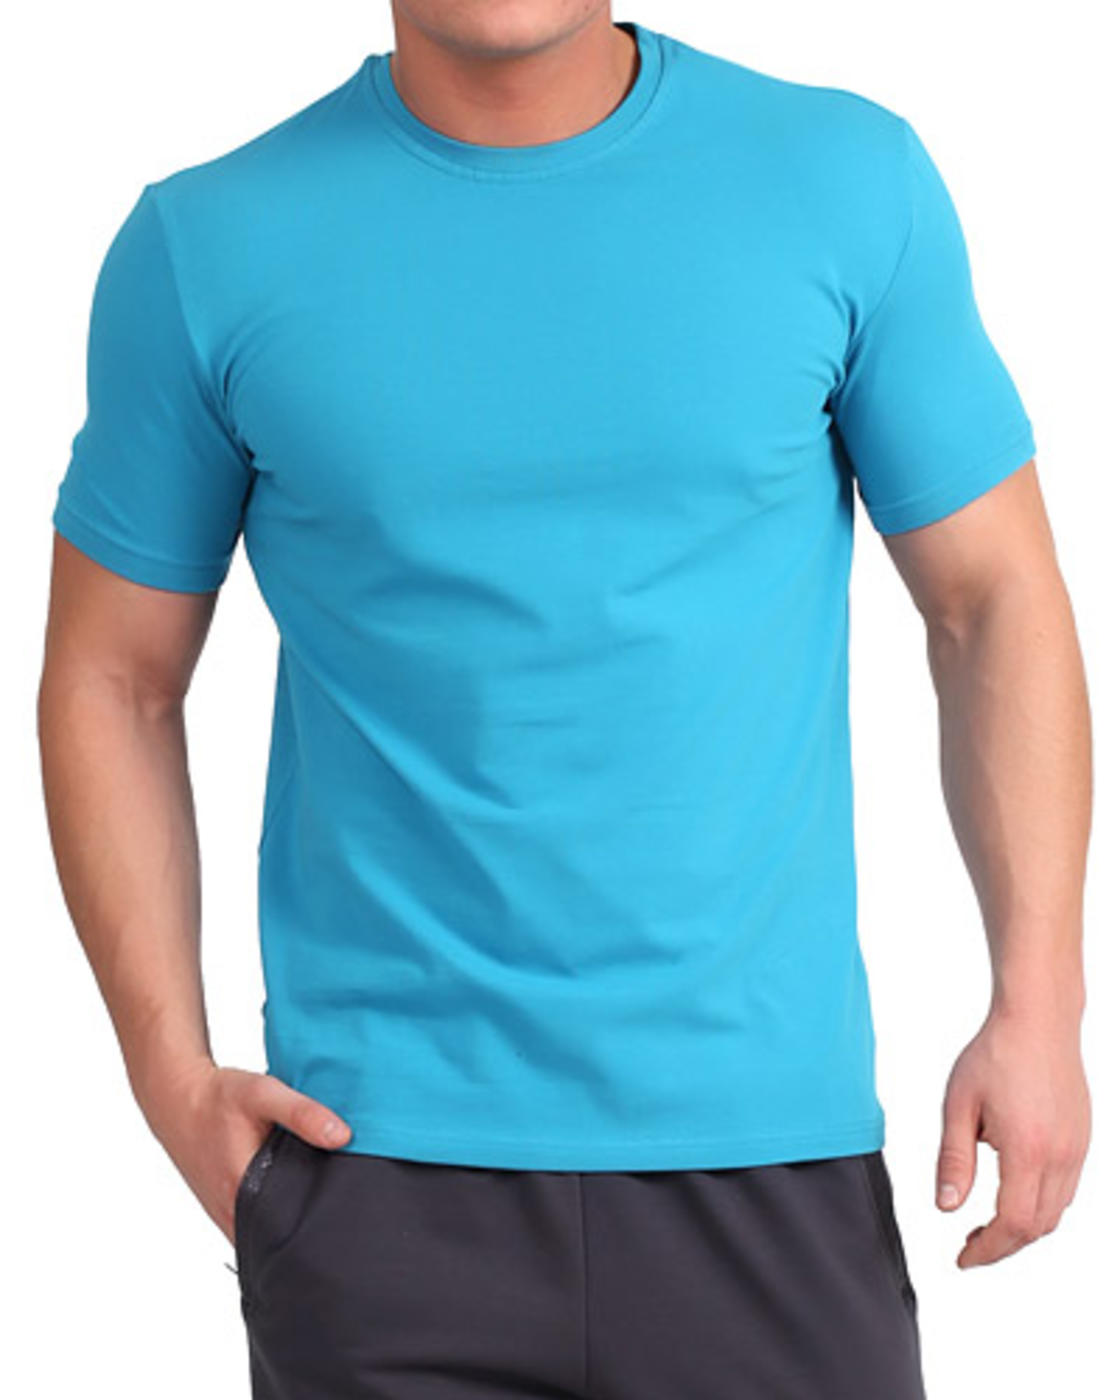 Мужские и женские рубашки-поло , футболки, свитшоты, толстовки, кенгуру. Цены от 175 руб. Сбор 10